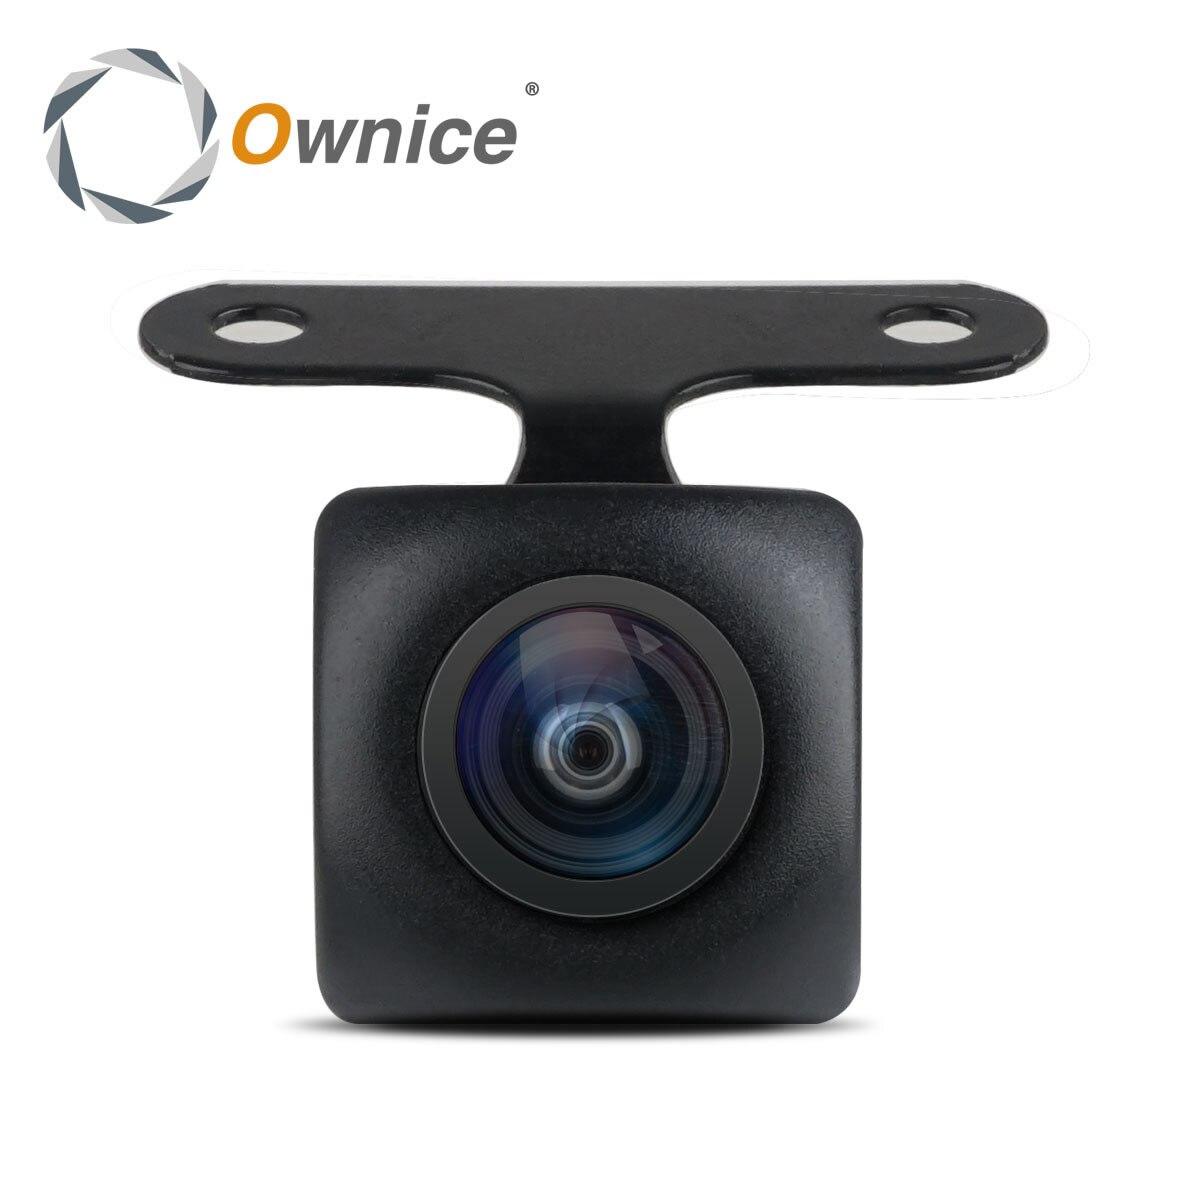 Ownice Universal À Prova D' Água HD Sony/MCCD Lente Olho de peixe Starlight Night Vision 170 Degree Car Rear View Camera Estacionamento para todos os carros